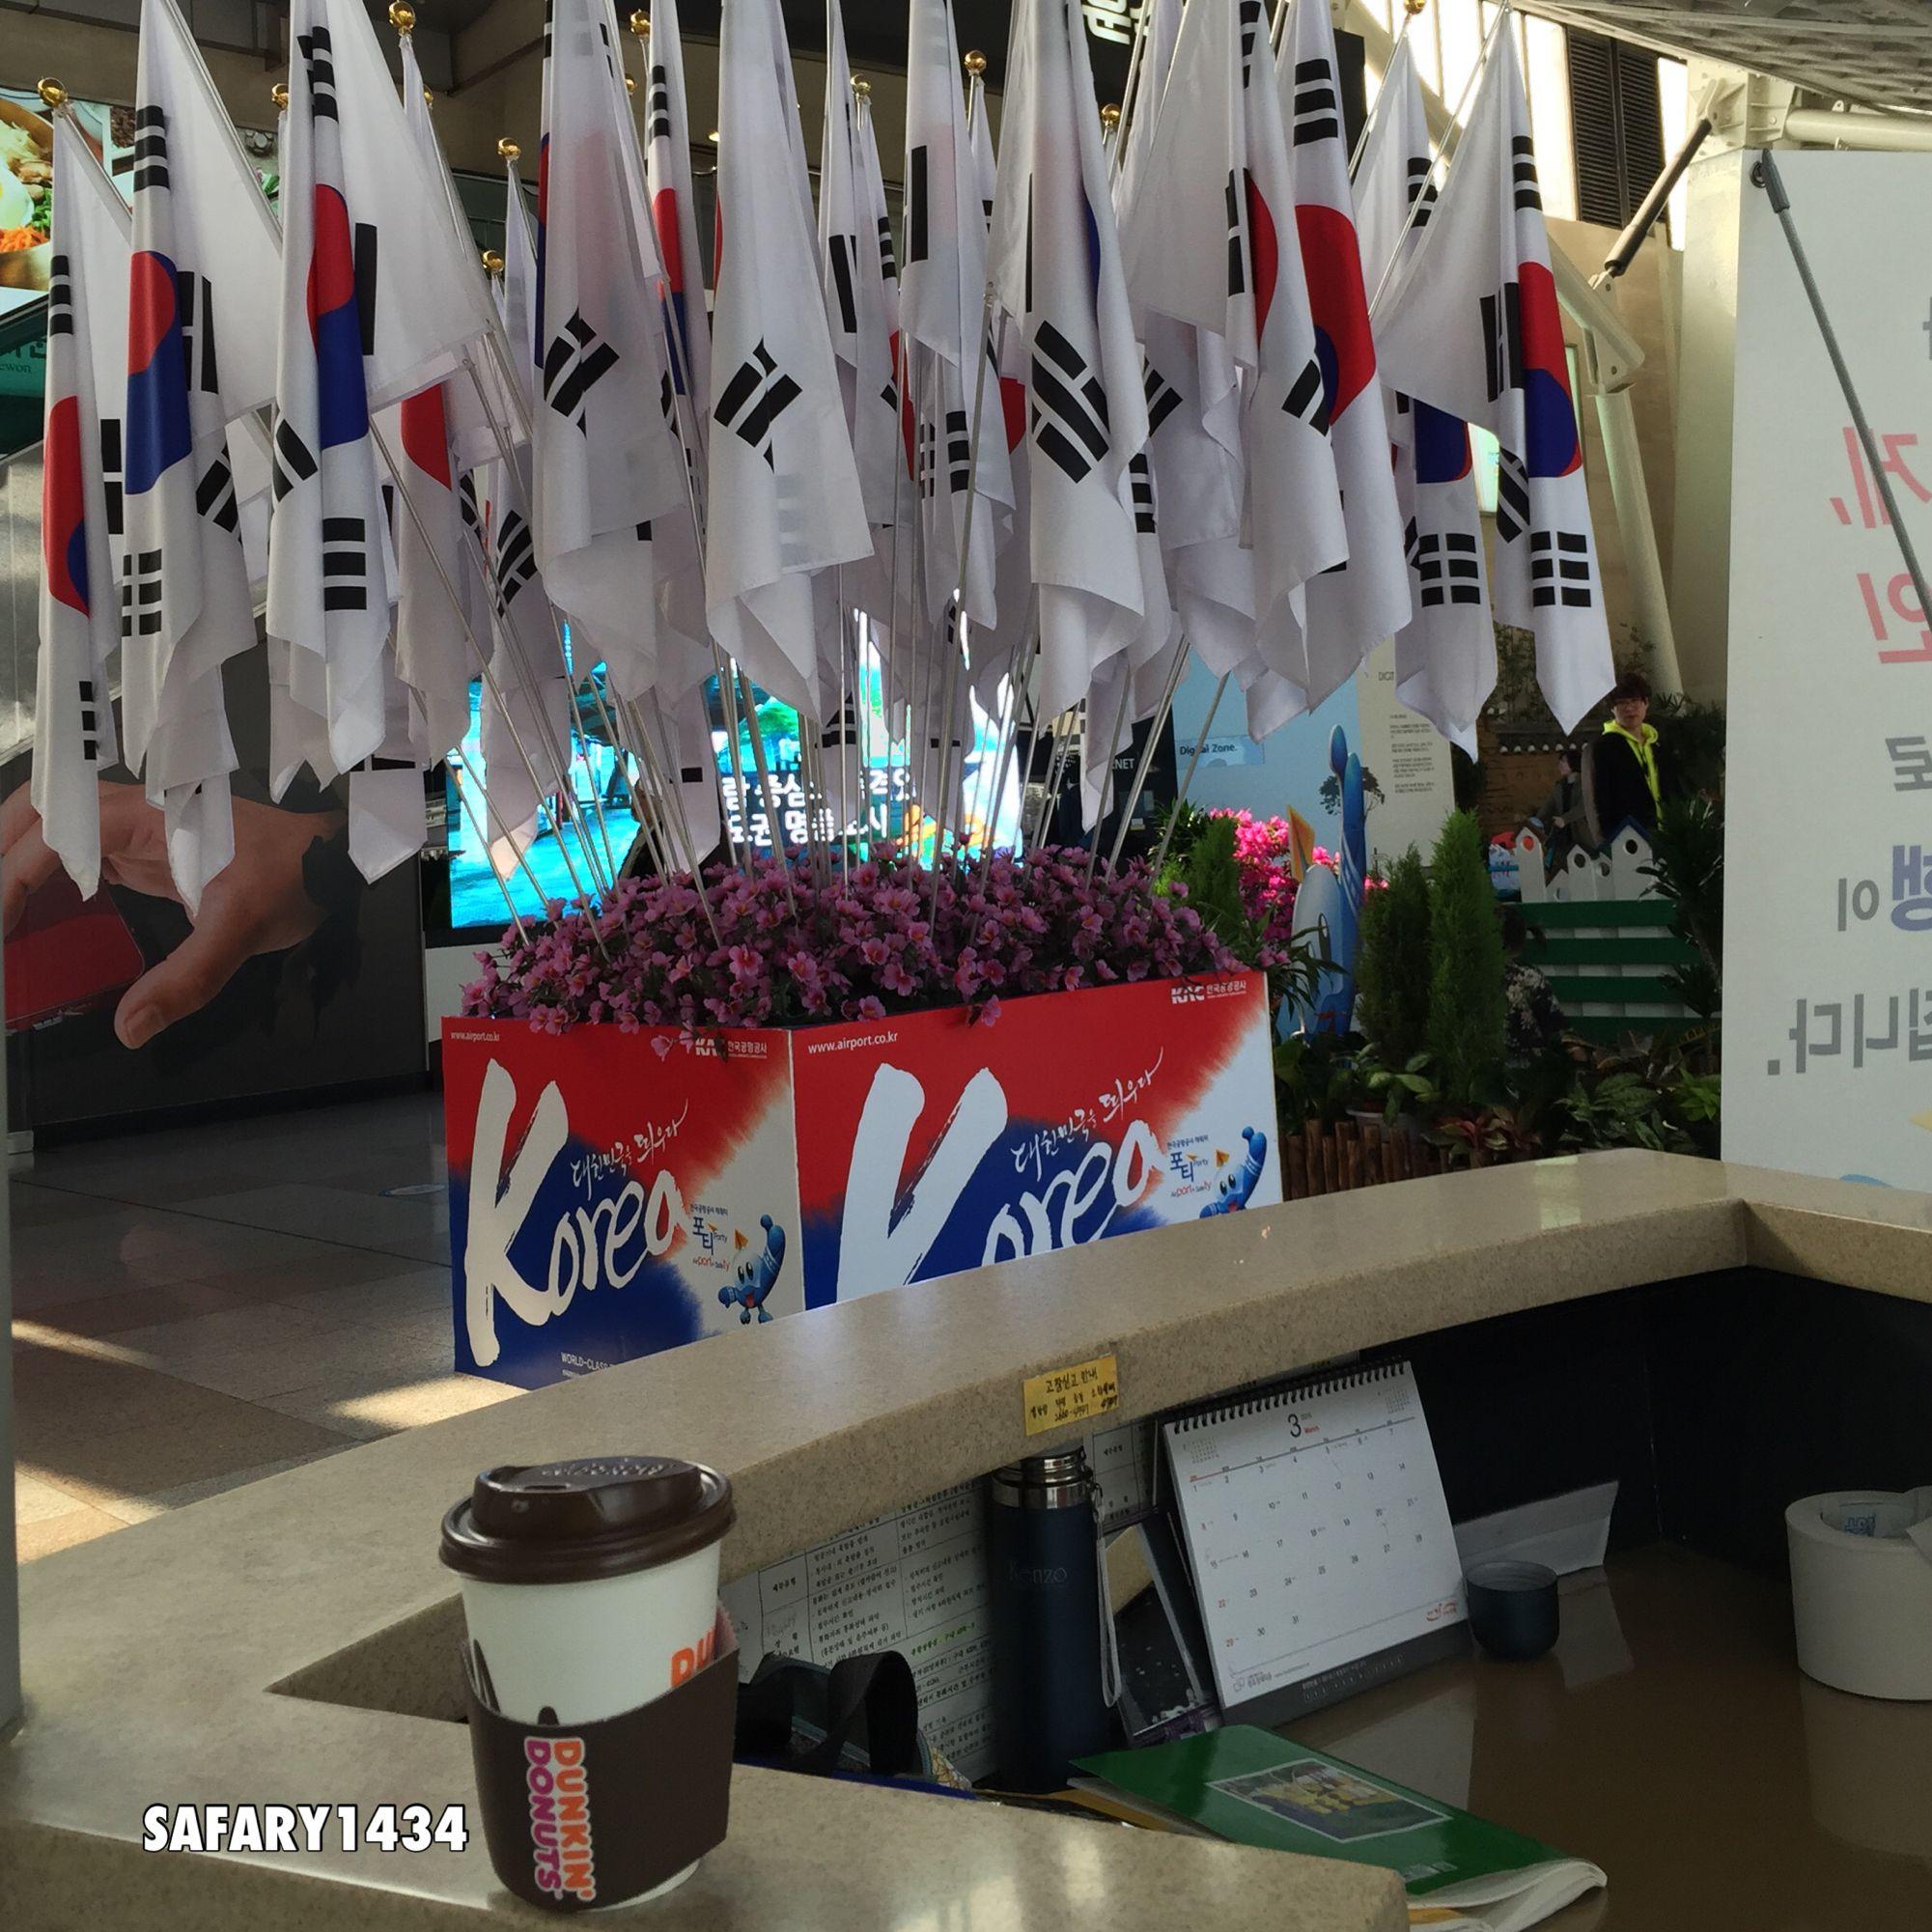 تصويري لقهوتي في مطار الداخلي في سؤول في كوريا الحنوبيه